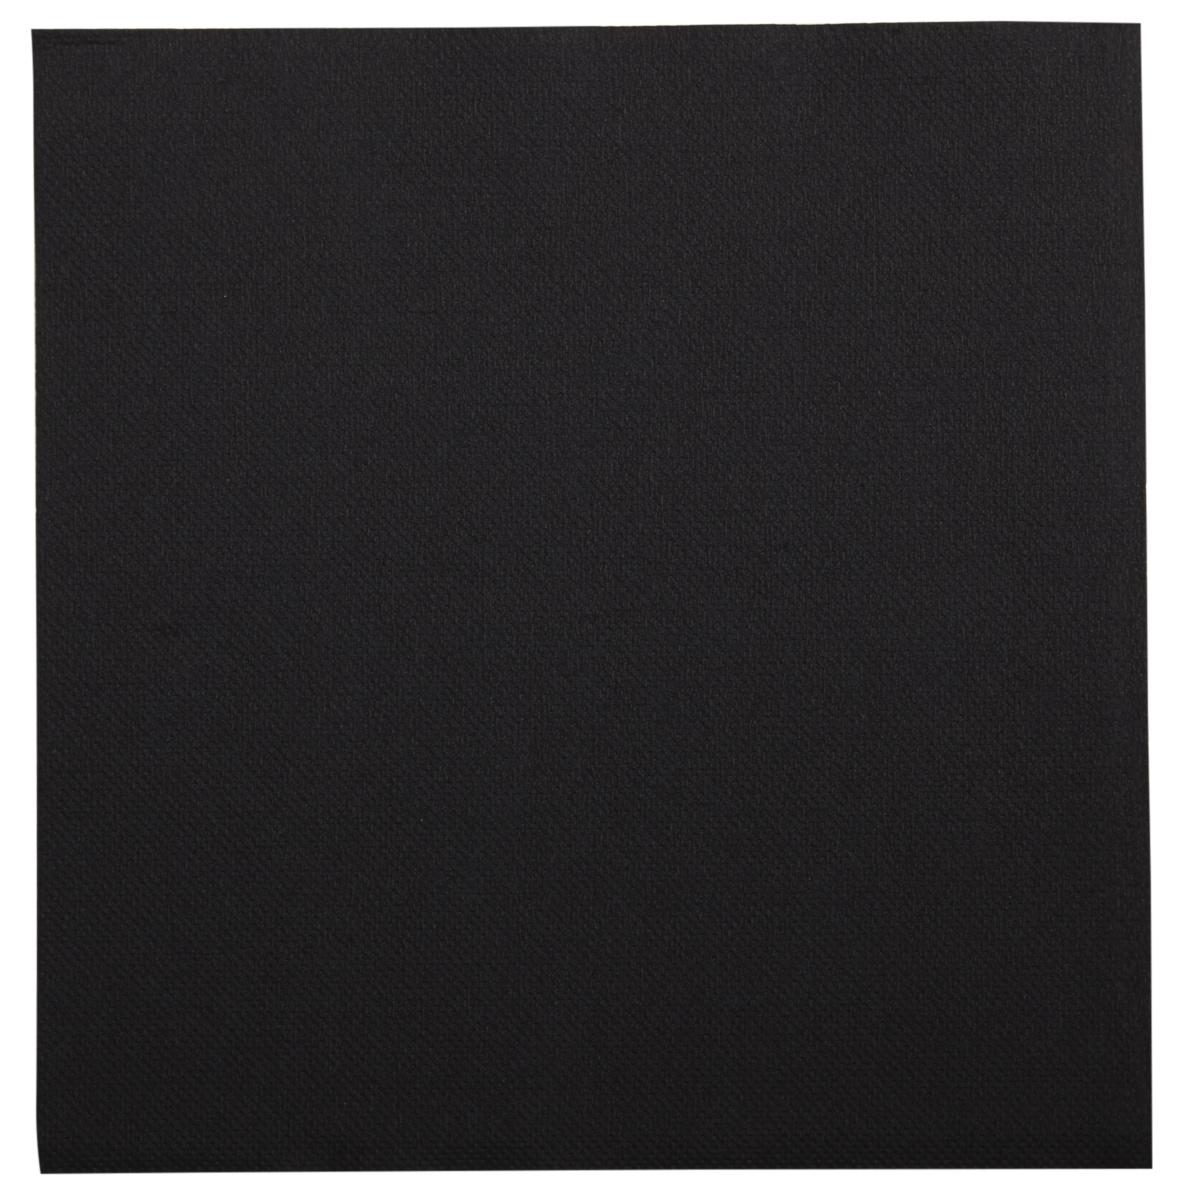 Serviette noire ouate de cellulose 38x38 cm Lisah Pro.mundi (50 pièces)